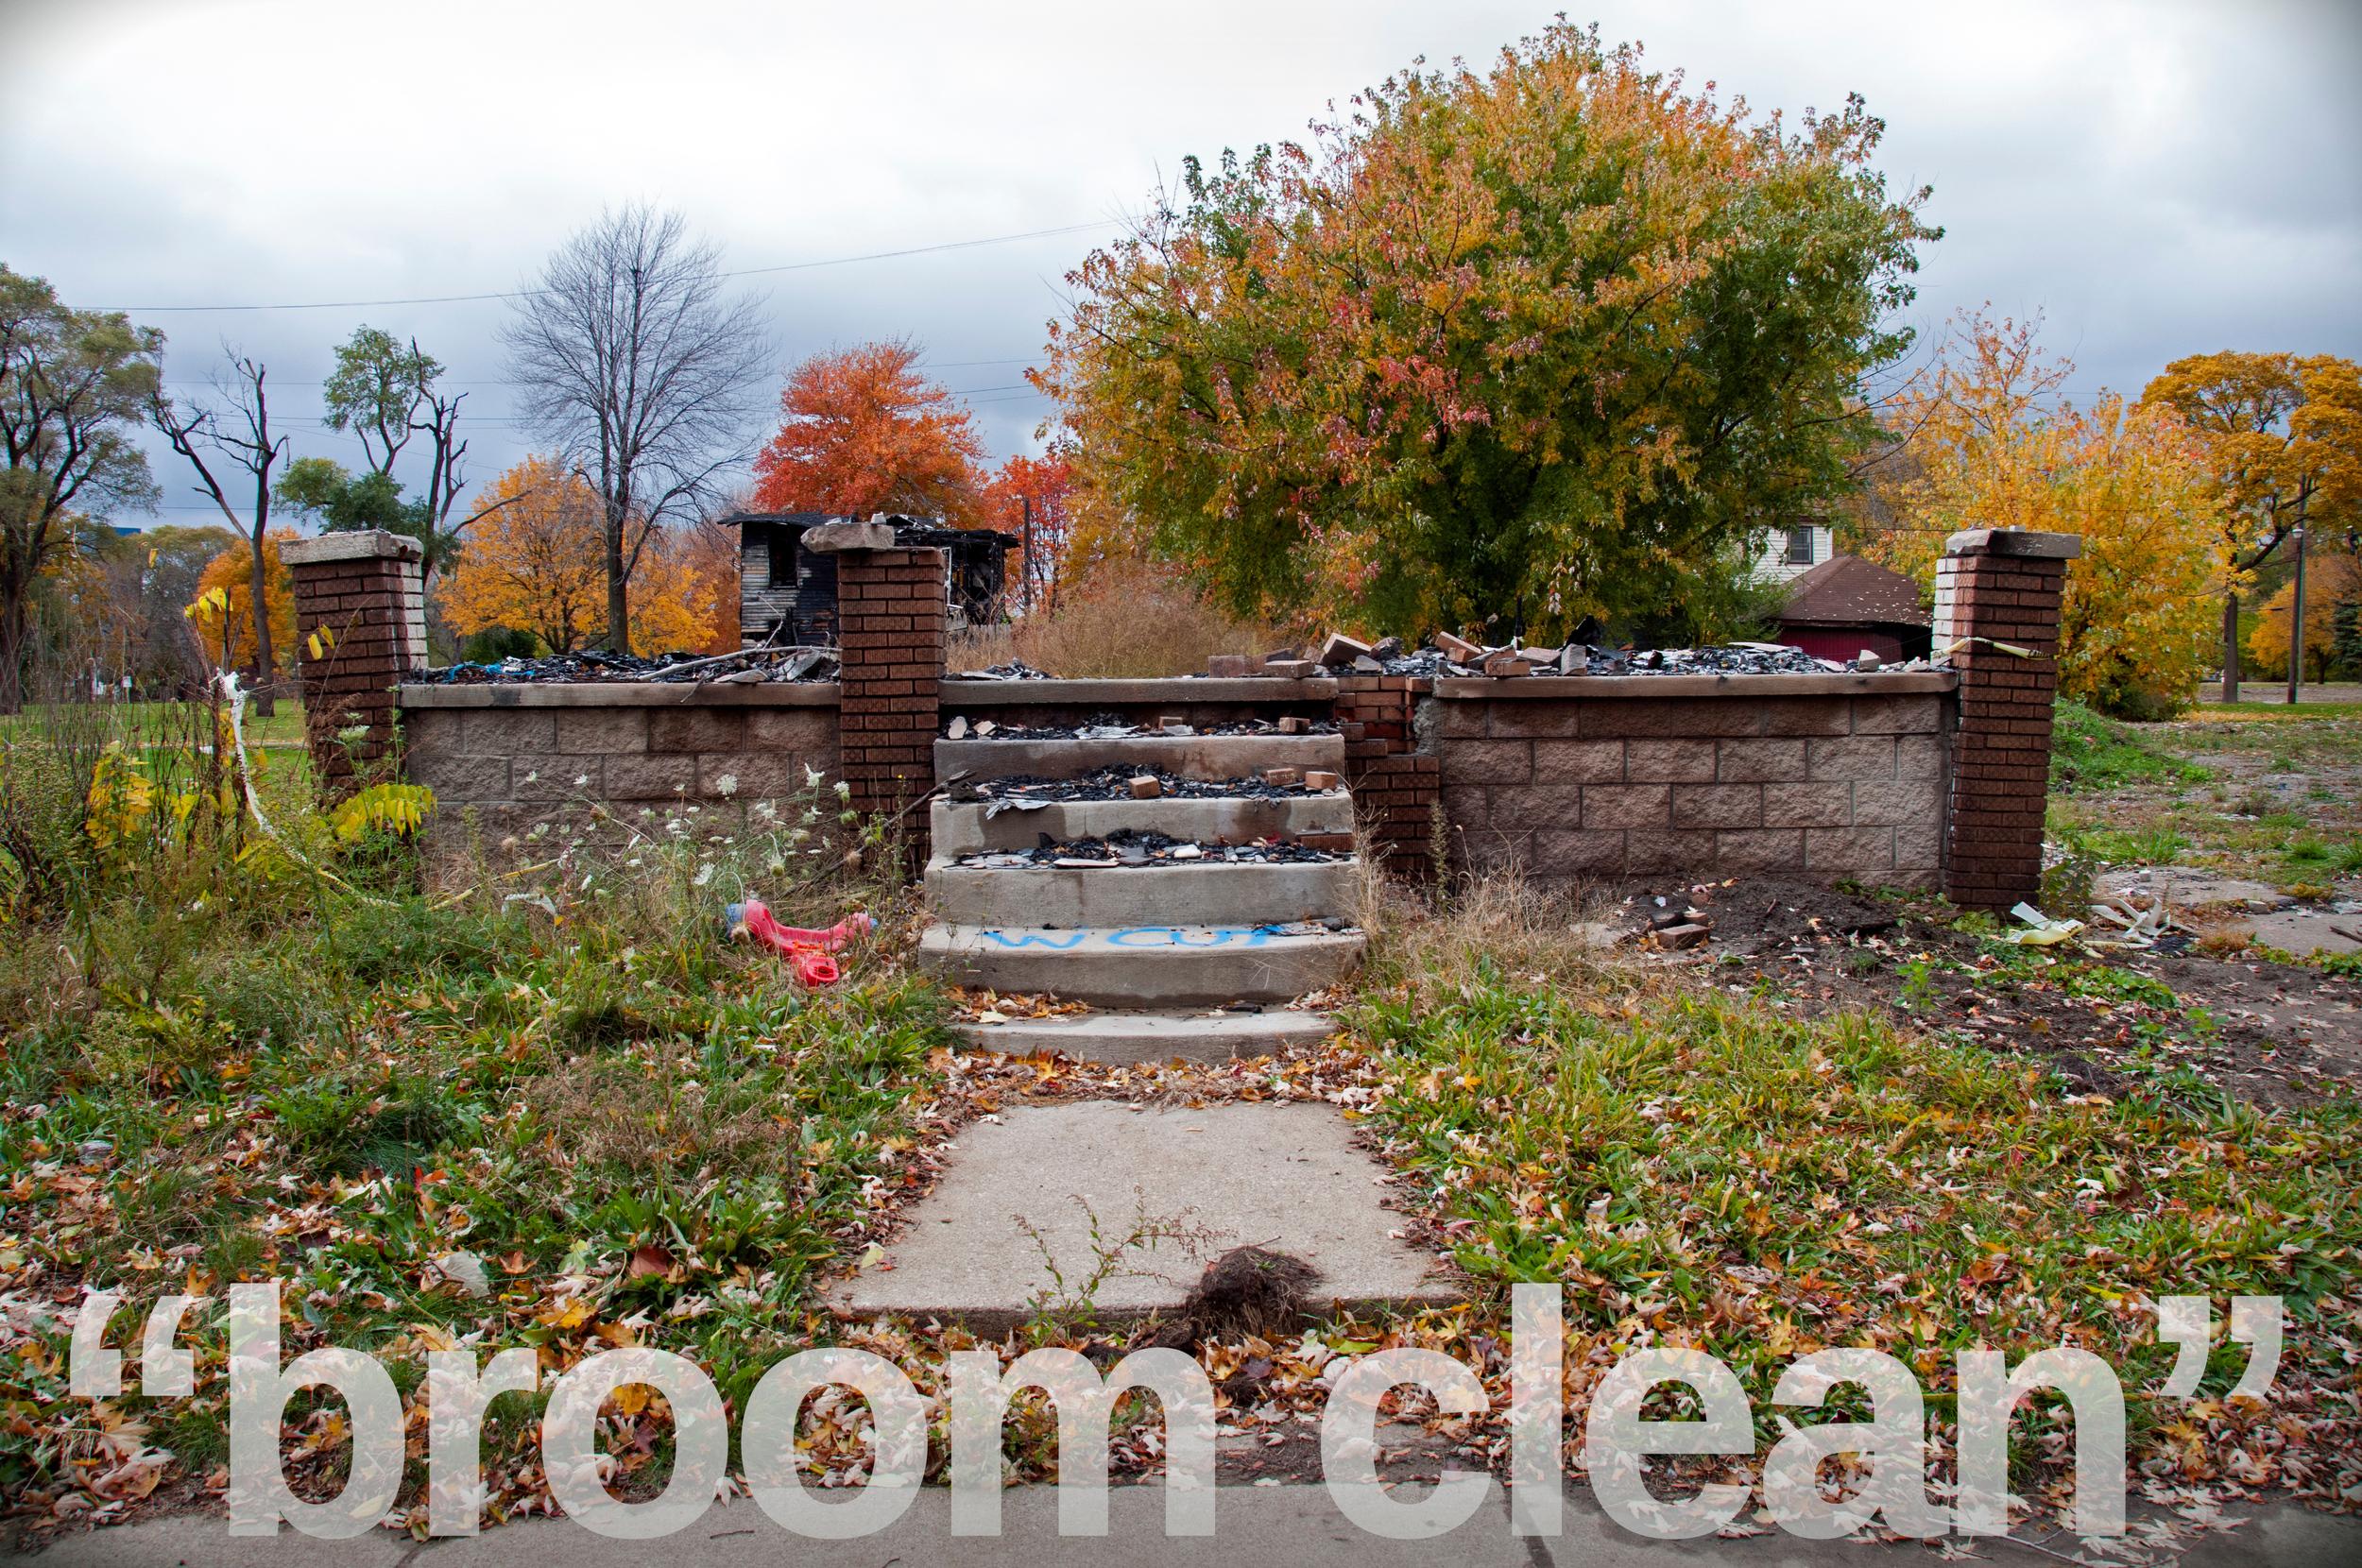 4-Leveled+House-broom+clean-3578943745-O.jpg